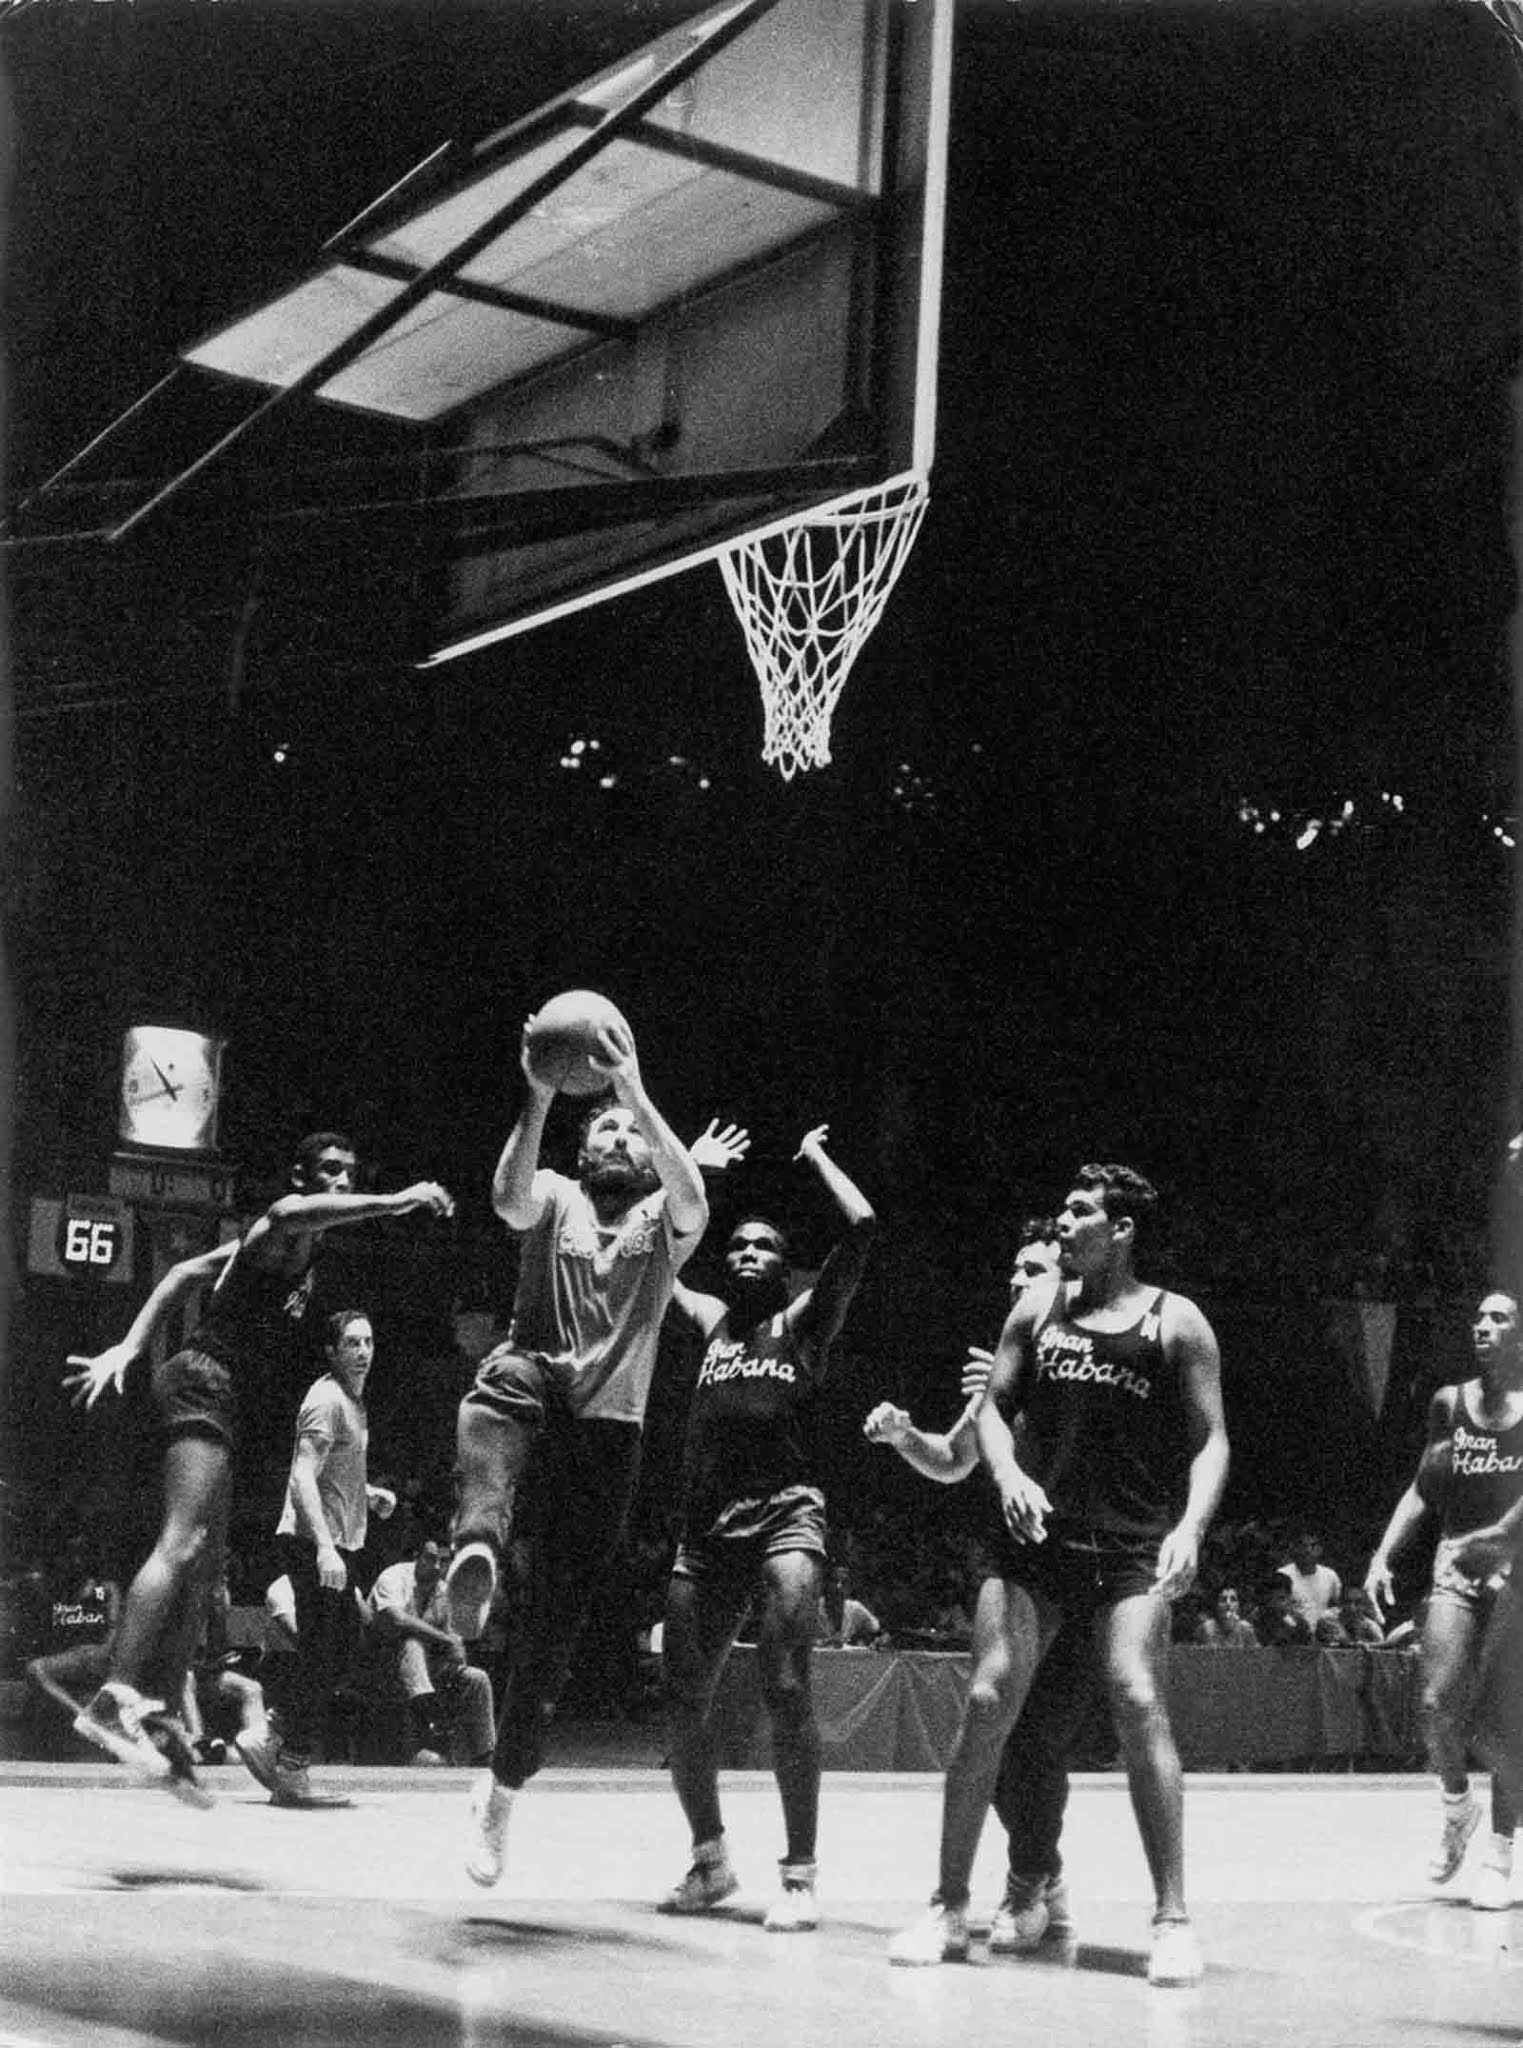 fidel castro basketball